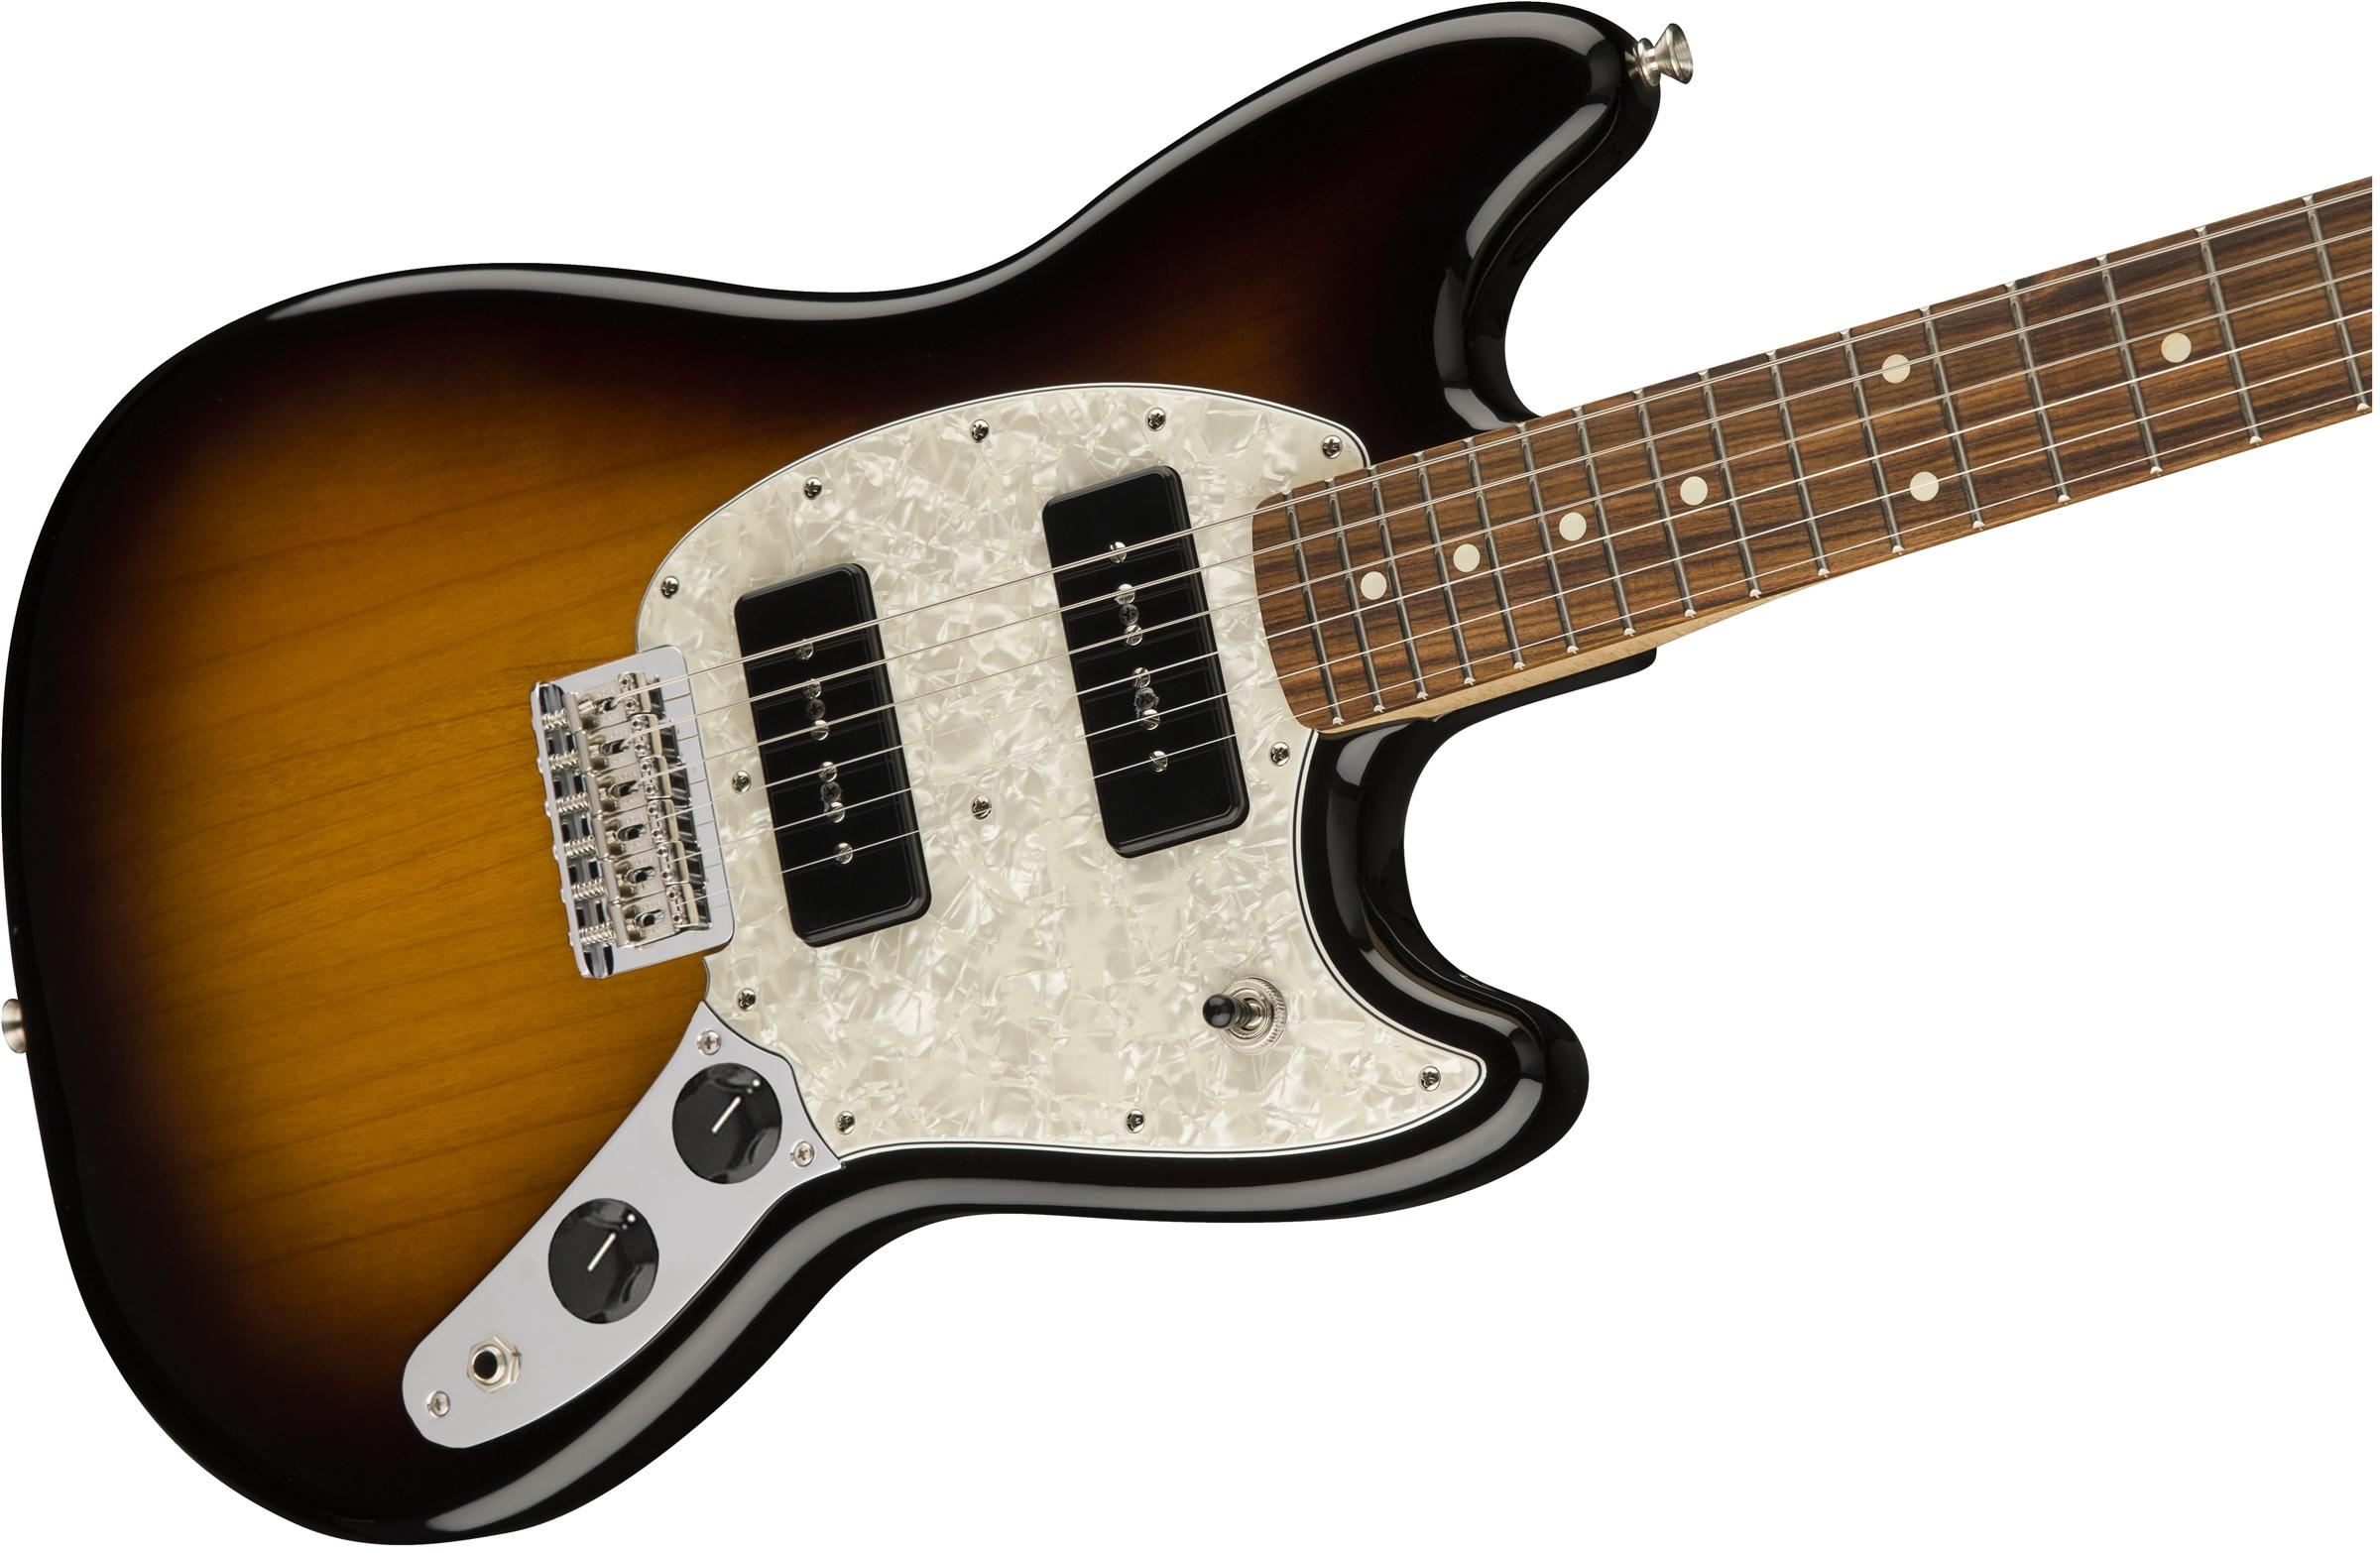 Fender Mustang 90 >> Fender Mustang® 90